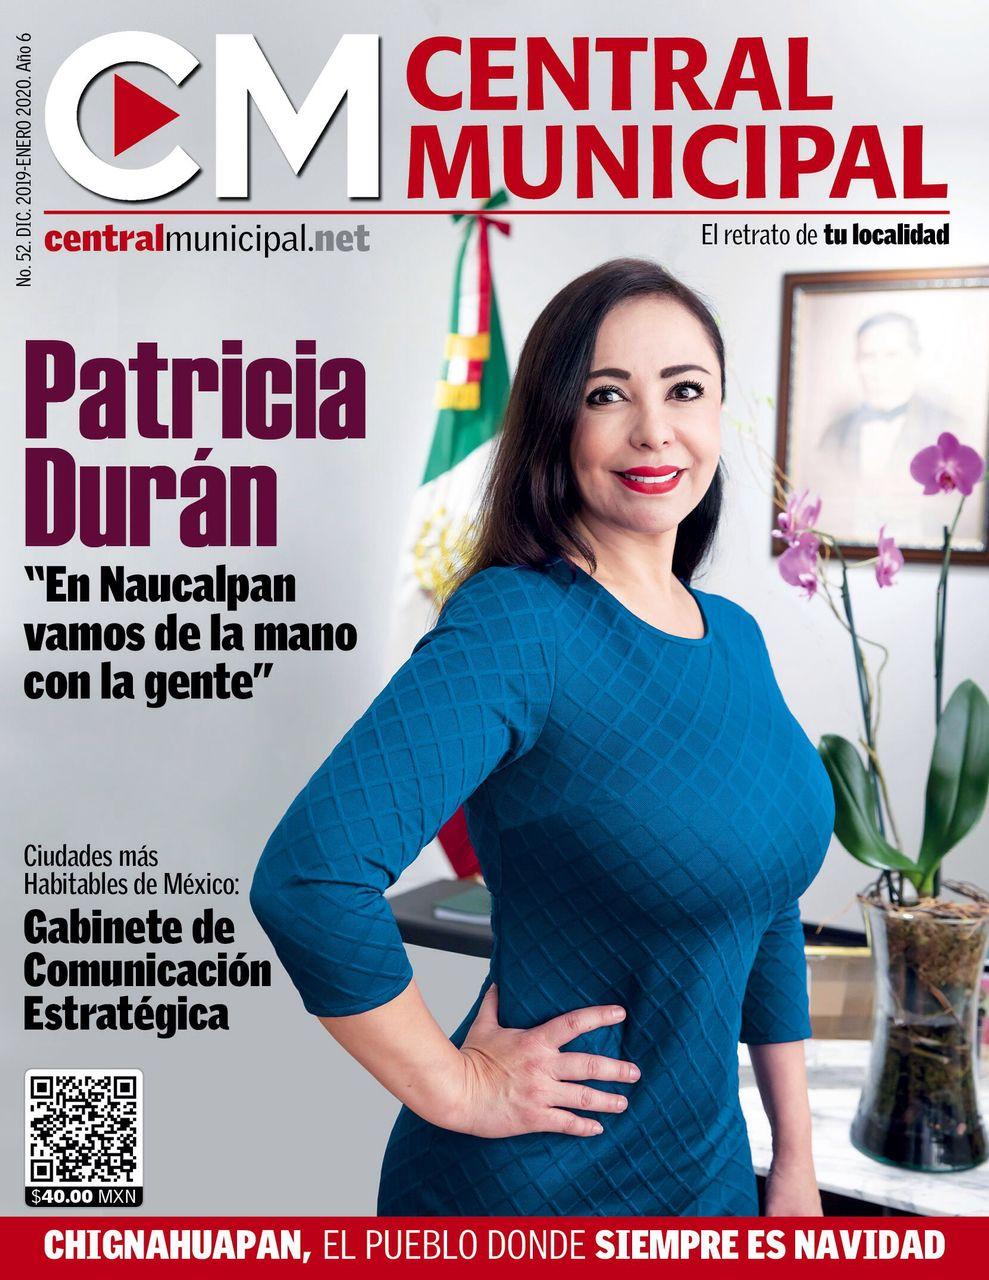 patricia-duran-reveles-naucalpan-central-municipal-diciembre-2019